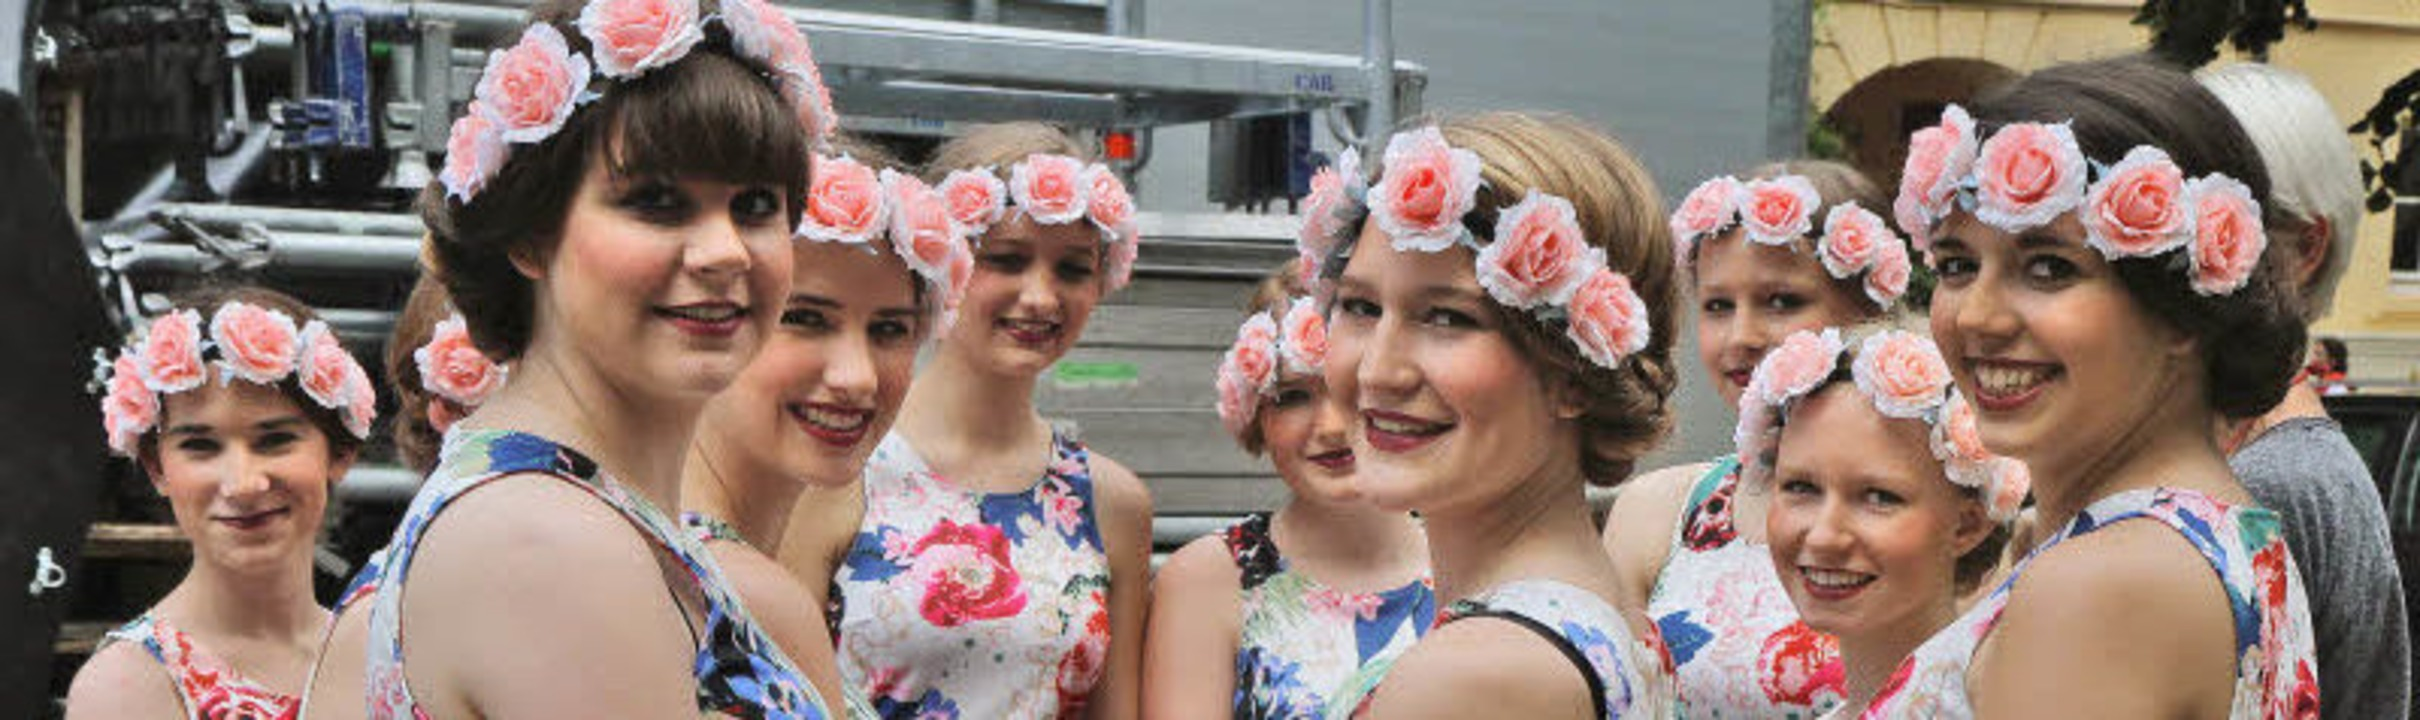 Viele Mädchen und junge Frauen prägten..., die ihr Können auf der Bühne zeigte.  | Foto: Wiedenmann Clemens